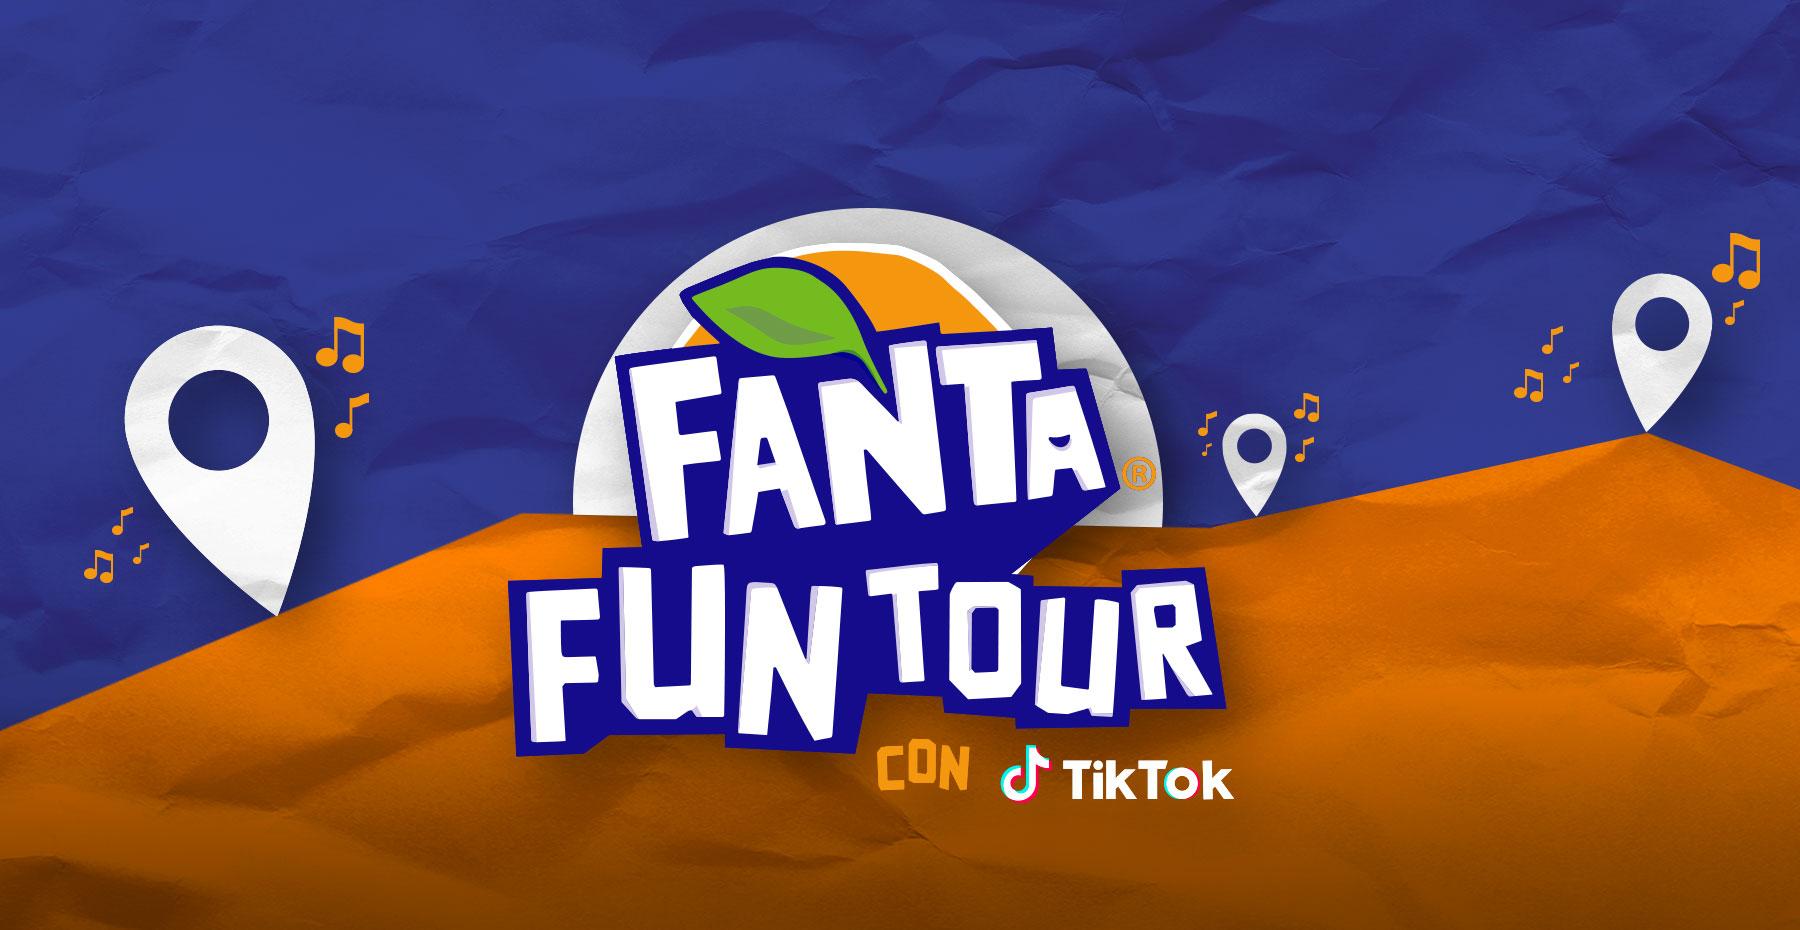 Parte in Italia il Fanta Fun Tour con TikTok thumbnail